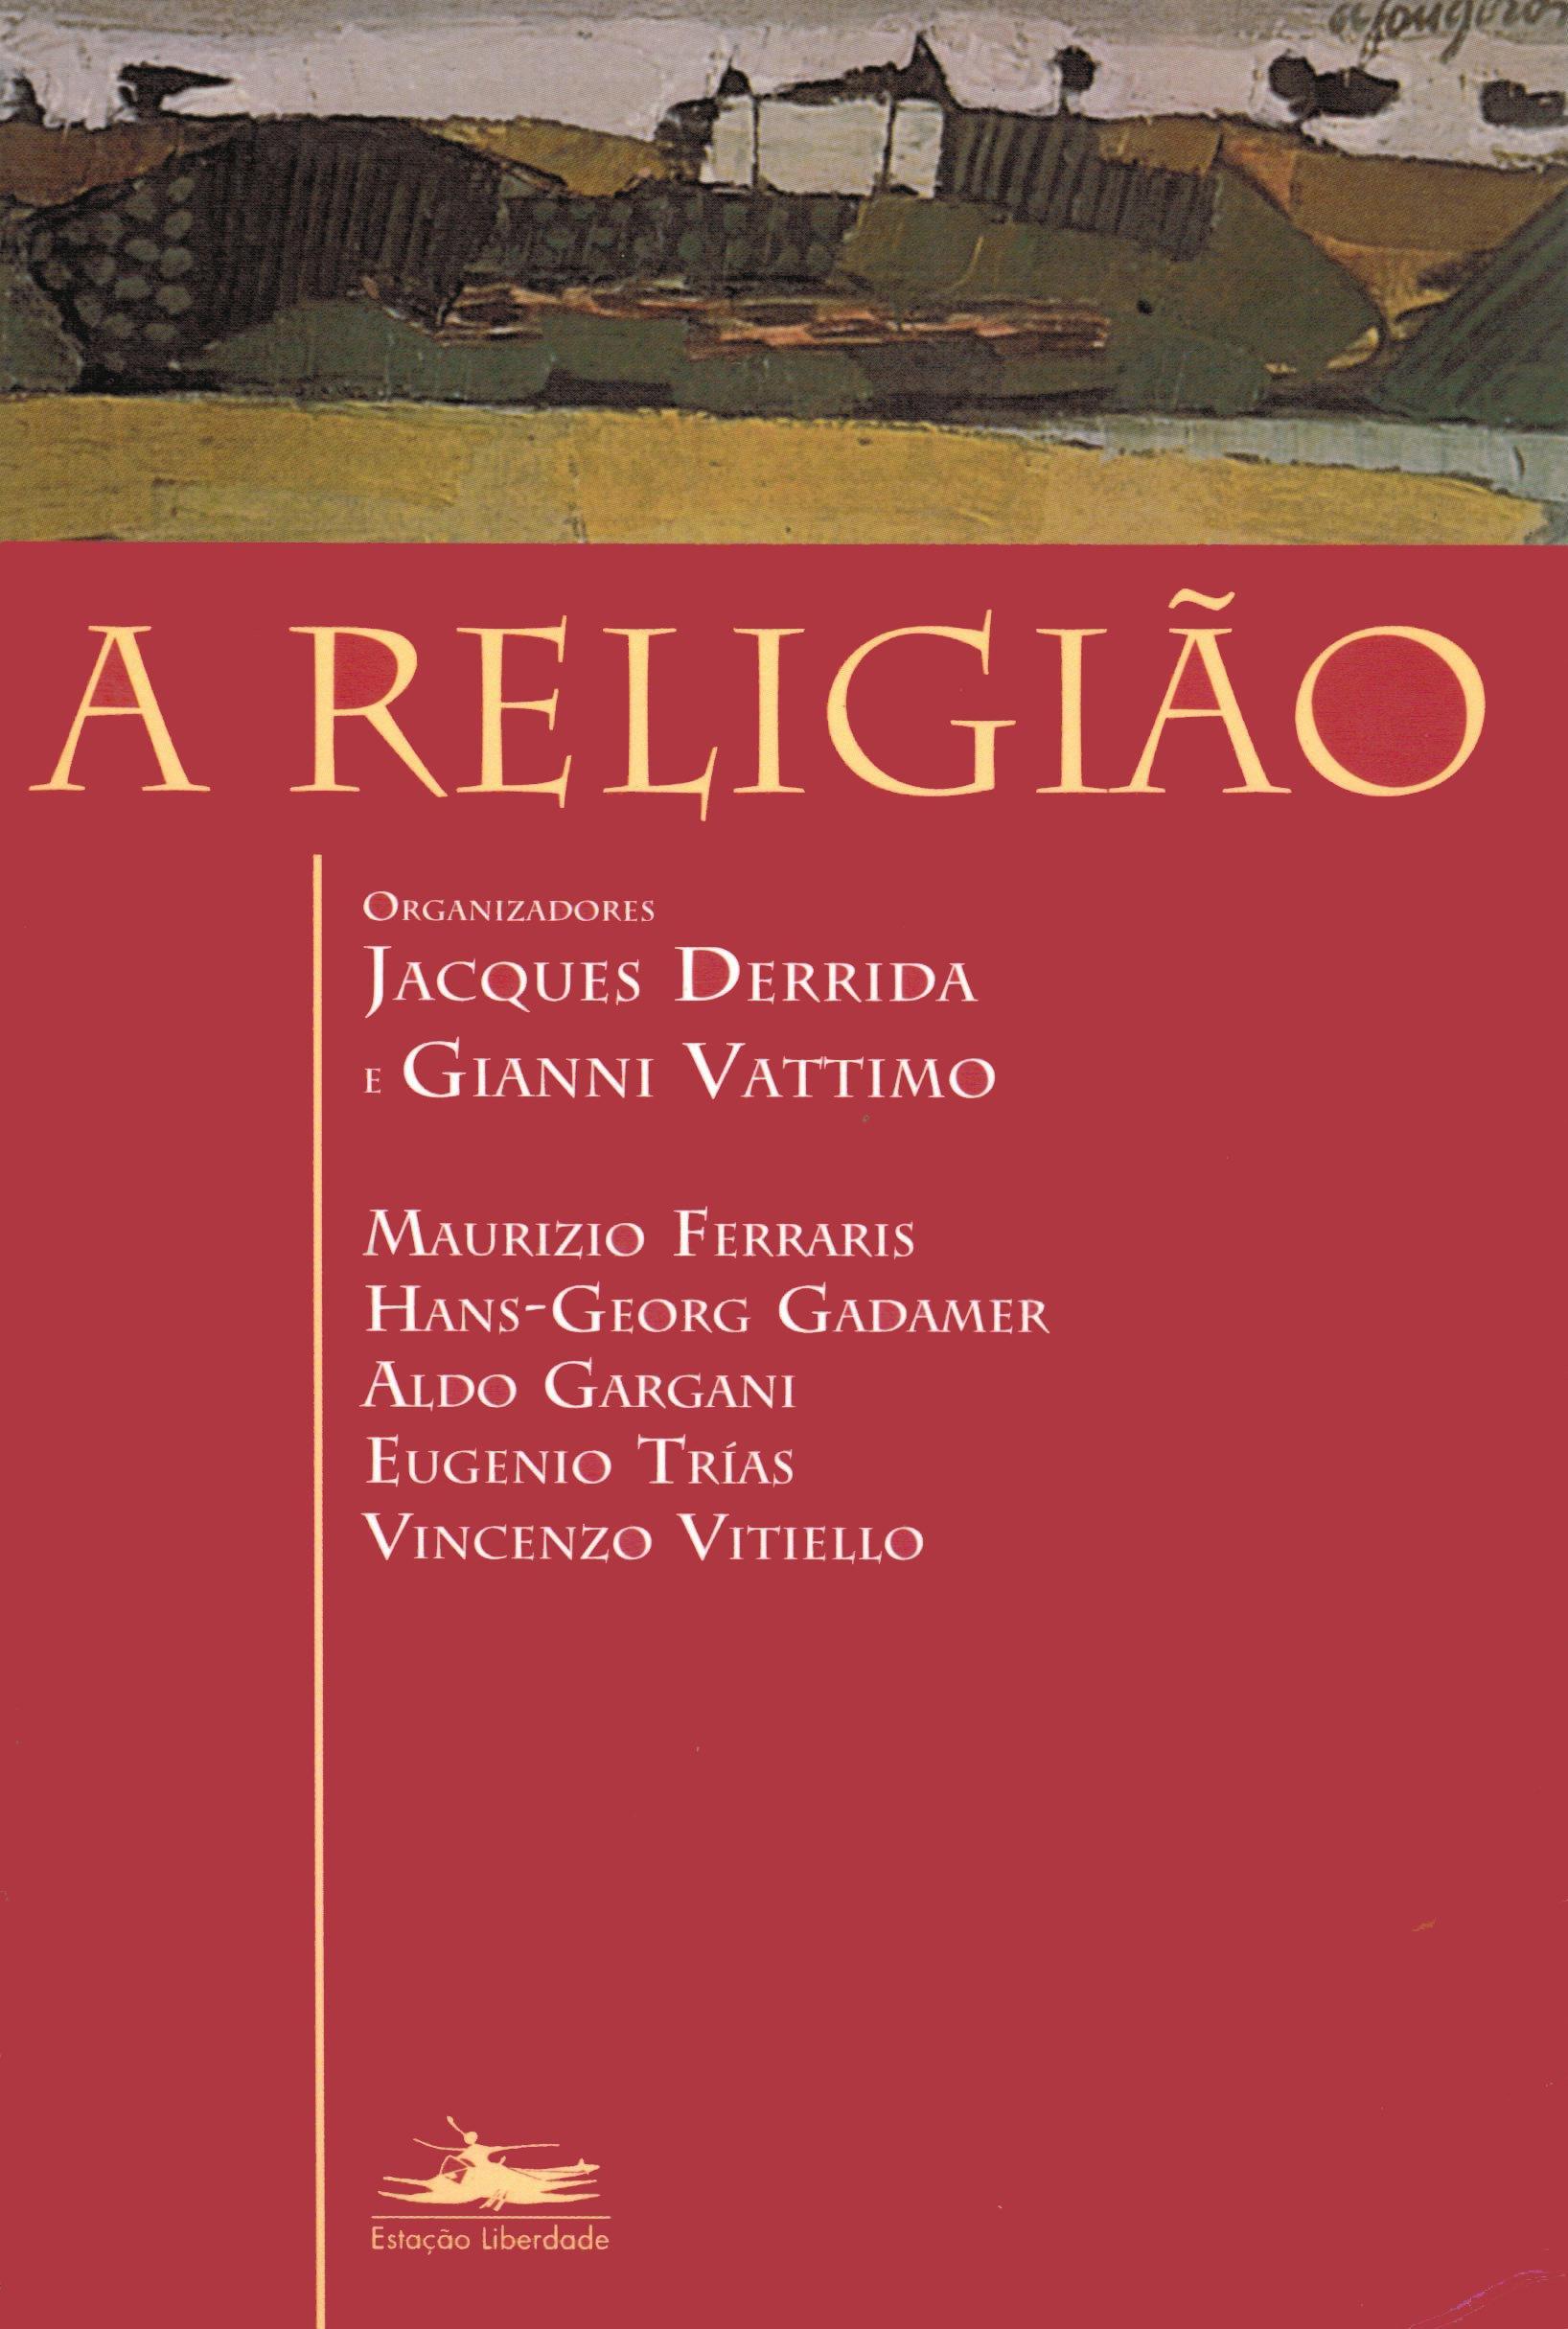 A religião, livro de Jacques Derrida, Gianni Vattimo